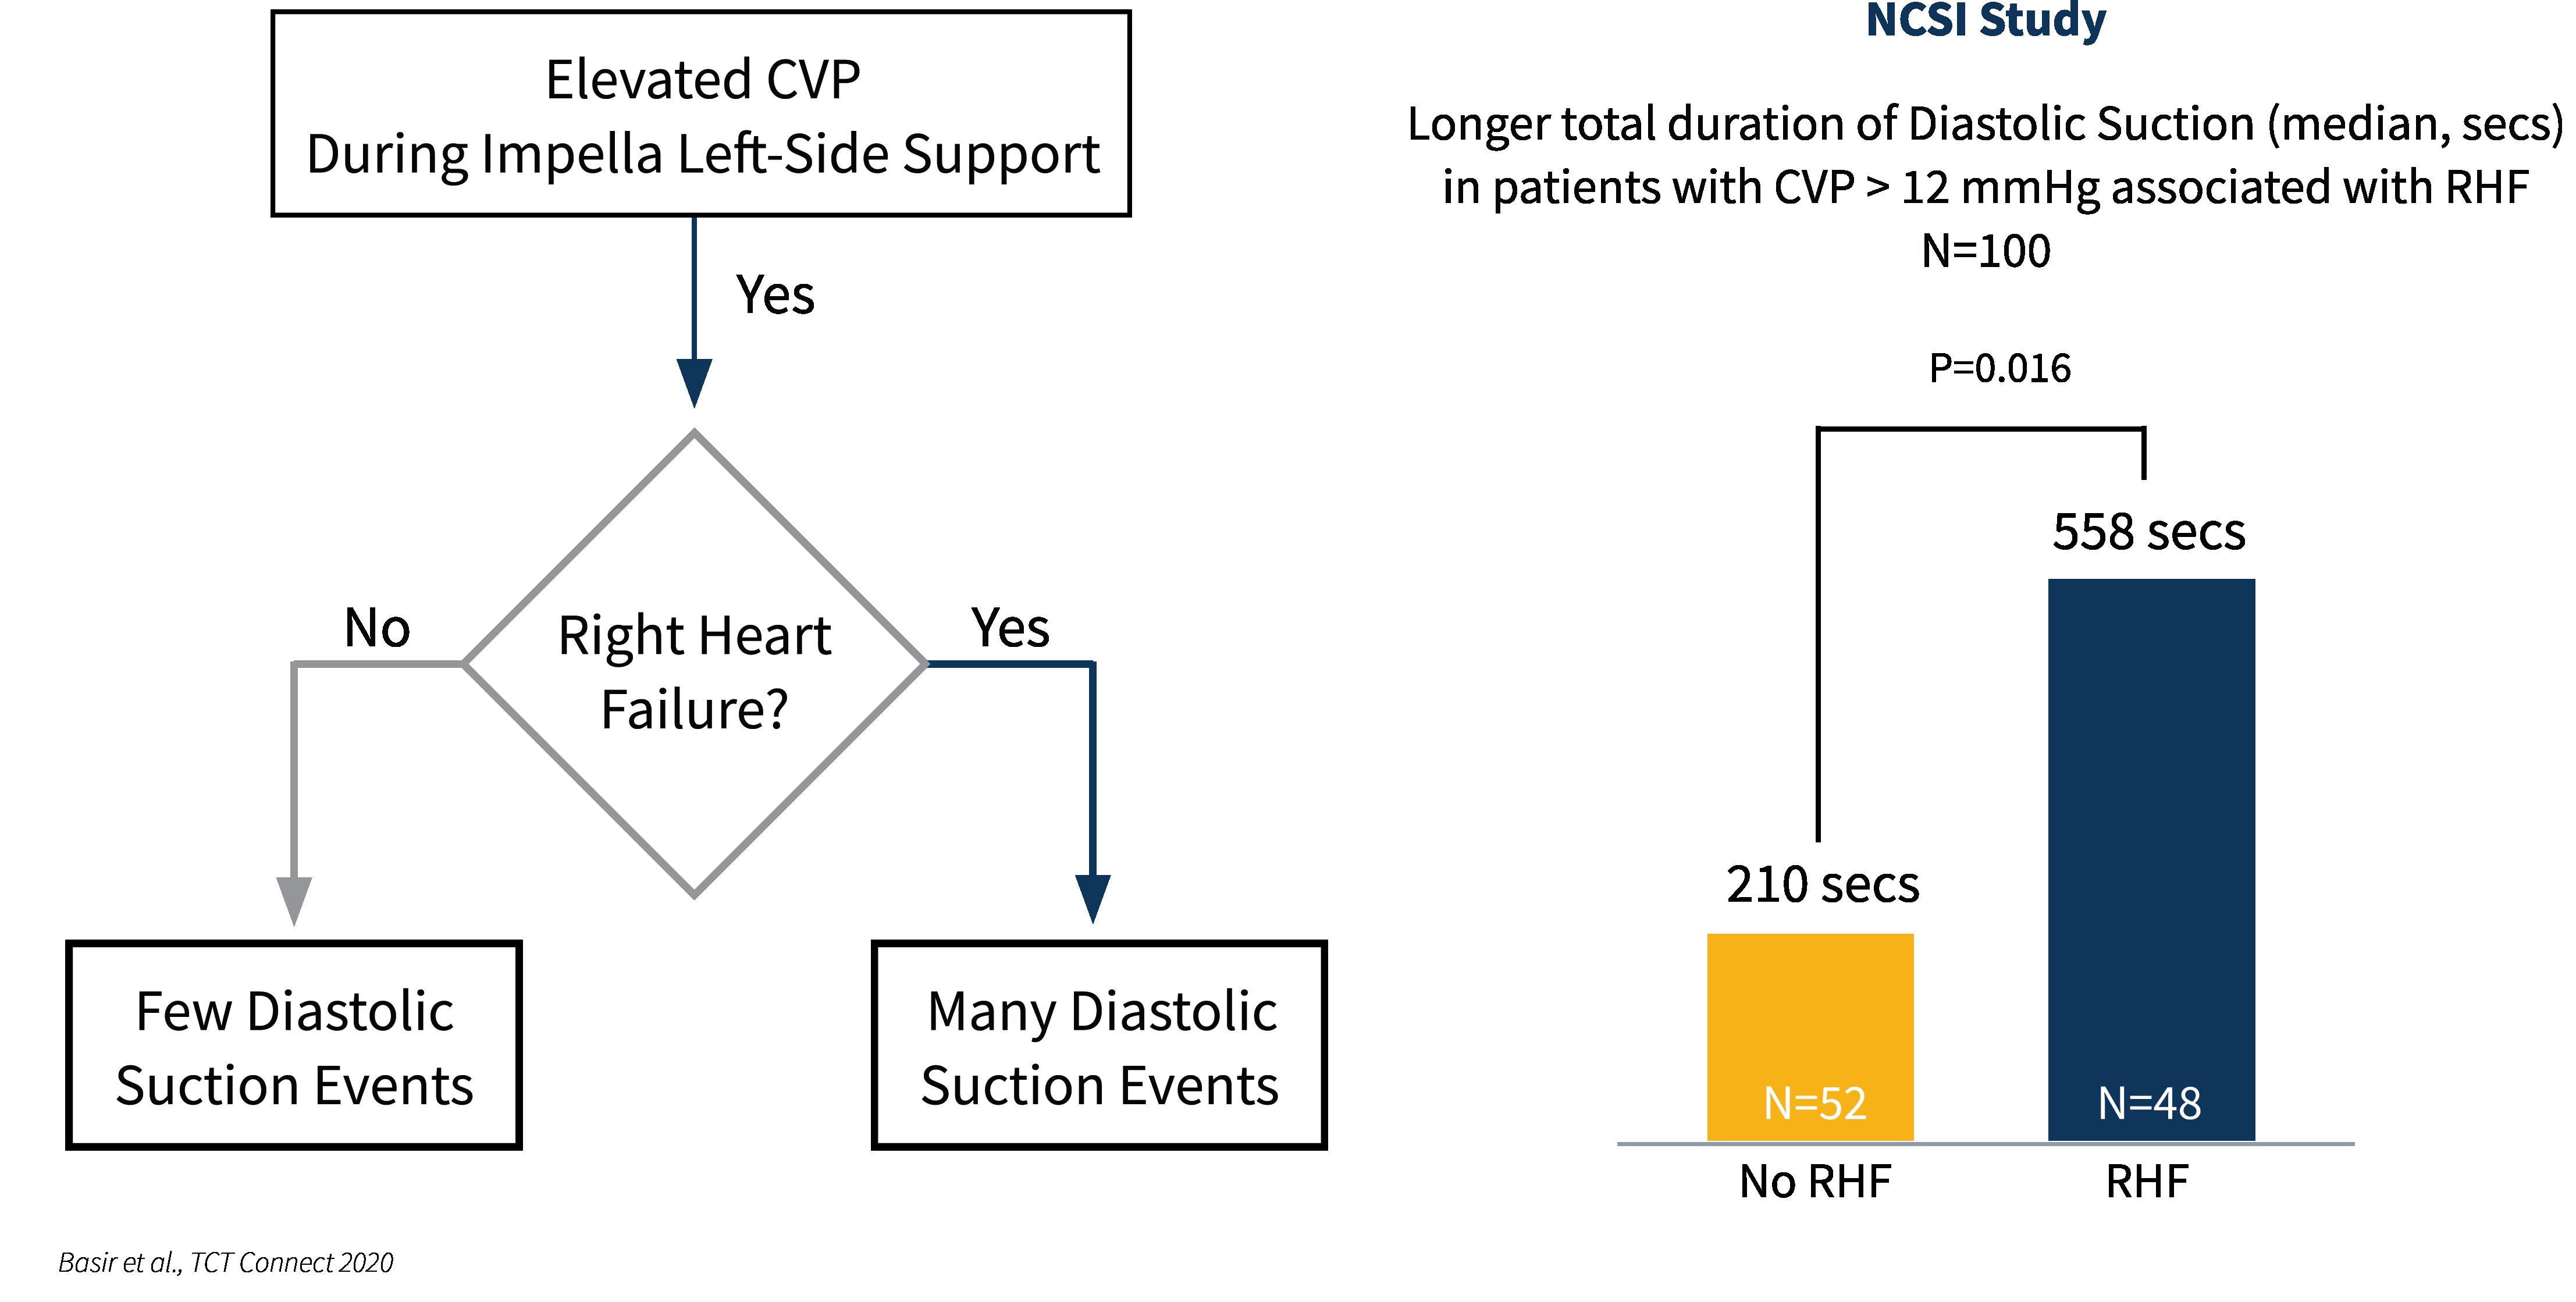 Schaubild über NCSI Studie